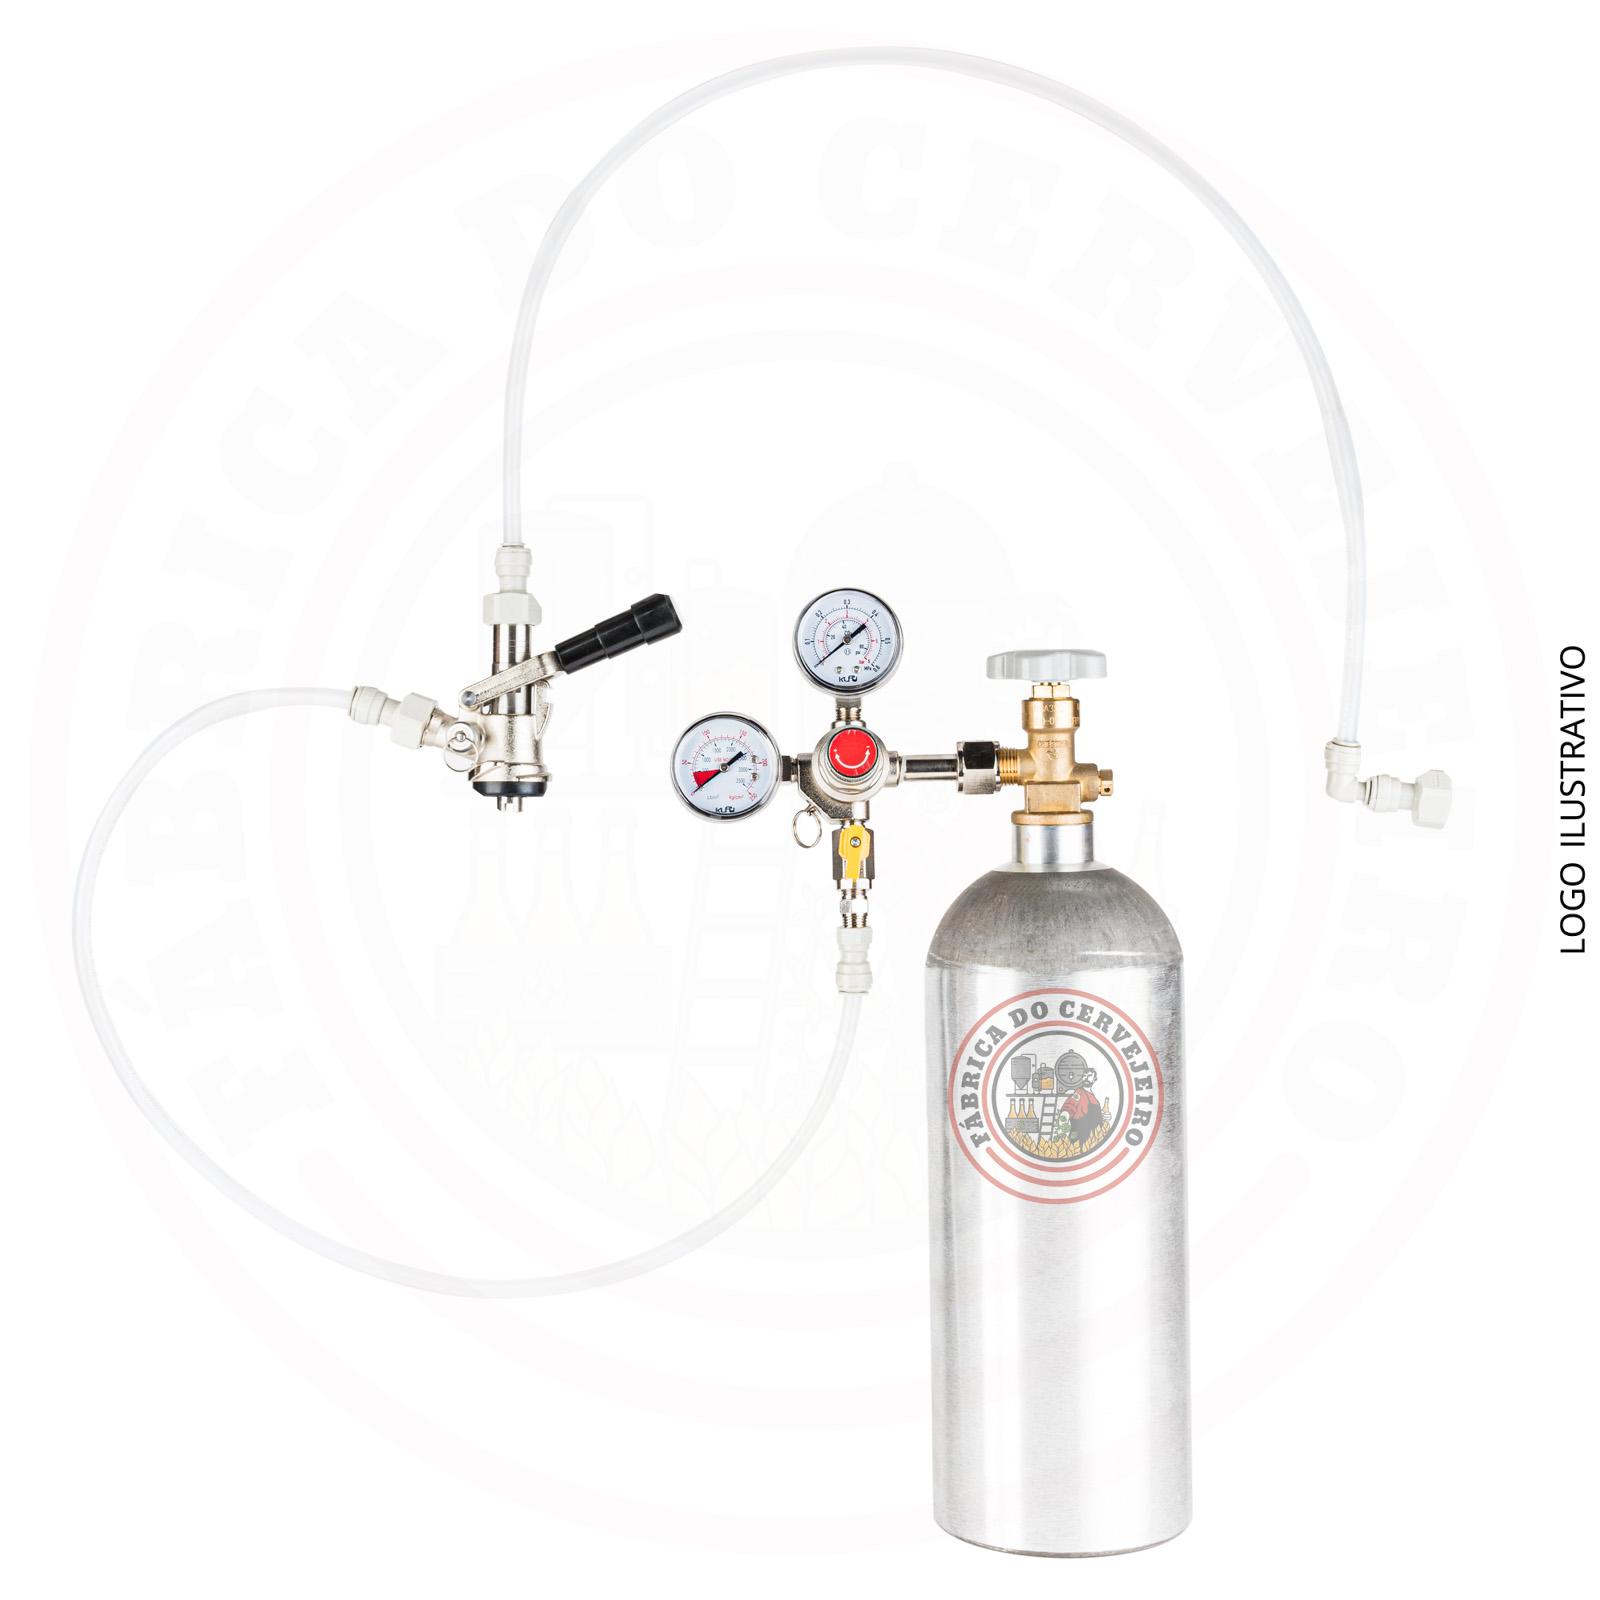 kit extração para barril tipo S engate rápido com regulador de pressão importado e cilindro 2,3 kg